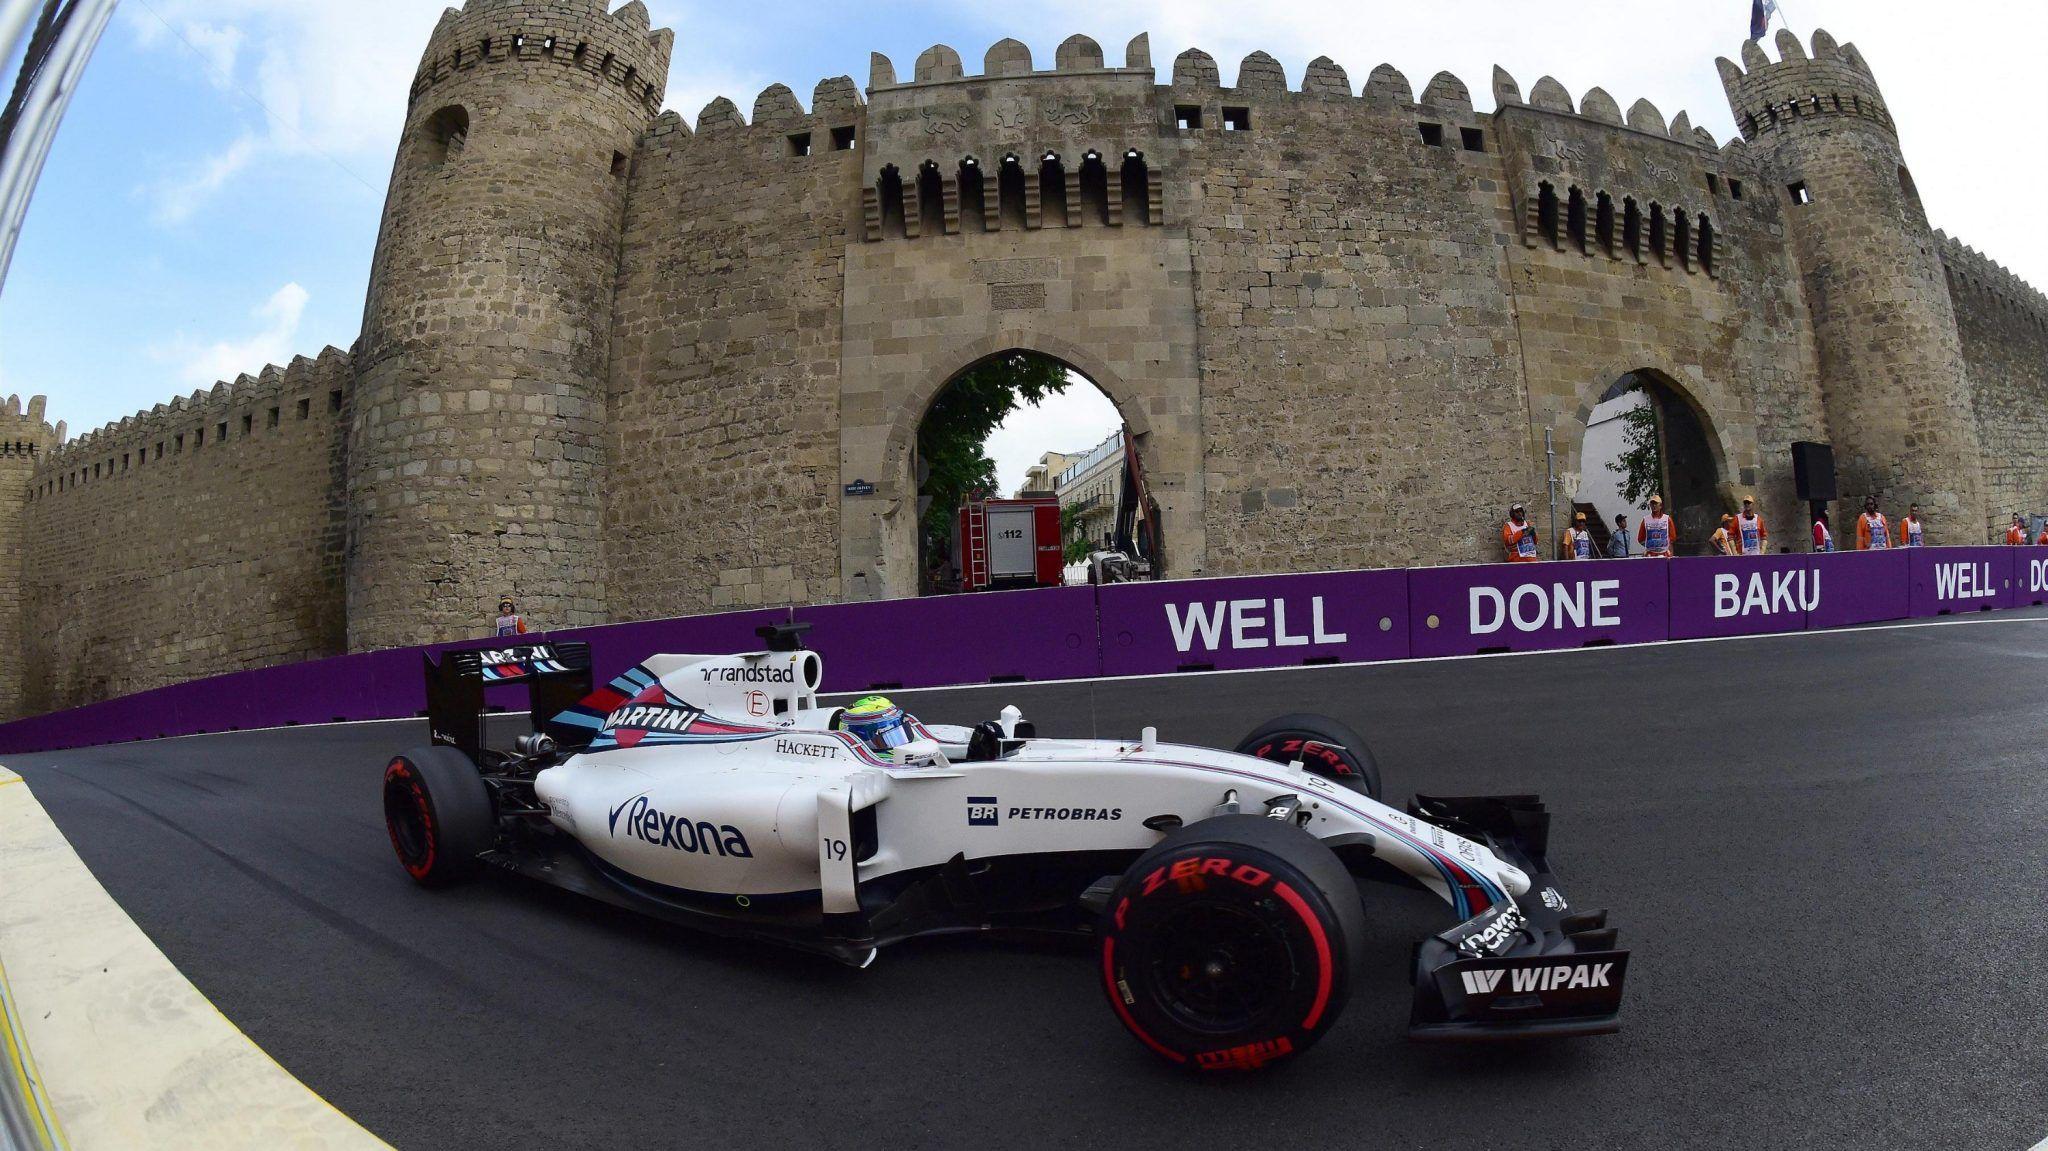 Azerbajdzhan Oblegchaet Vydachu Viz Uchastnikam Formula 1 Baku Rexona Formula 1